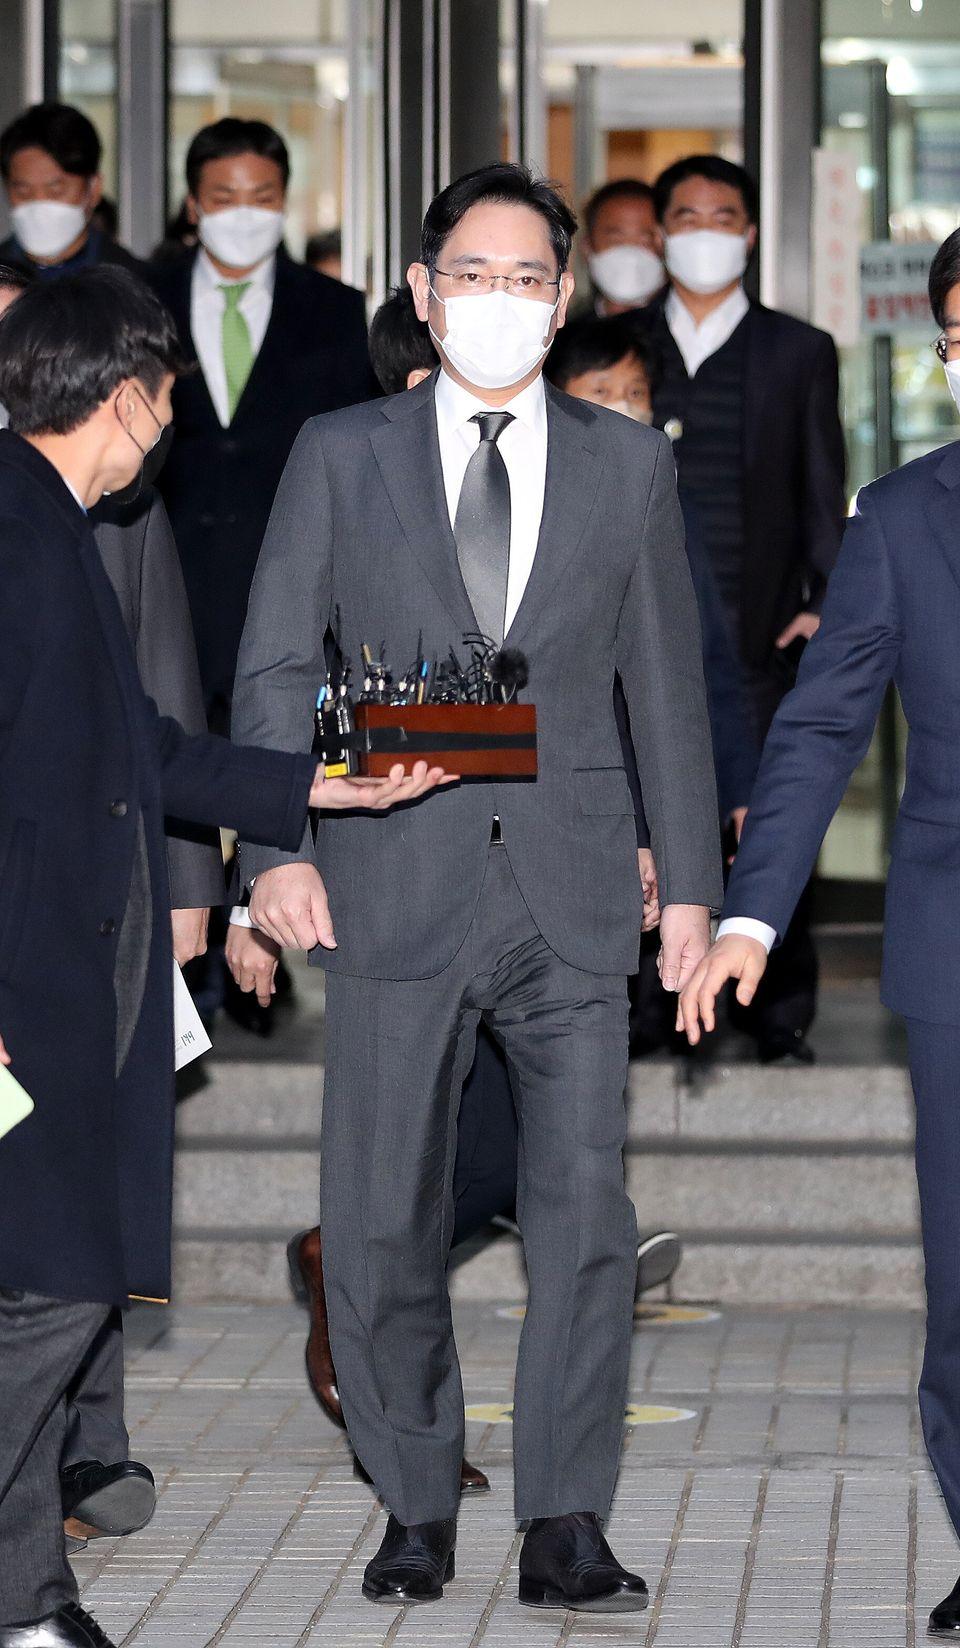 이재용 삼성전자 부회장이 9일 오후 서울 서초구 서울고등법원에서 열린 `국정농단' 사건 파기환송심 재판을 마친 뒤 법원을 나서고